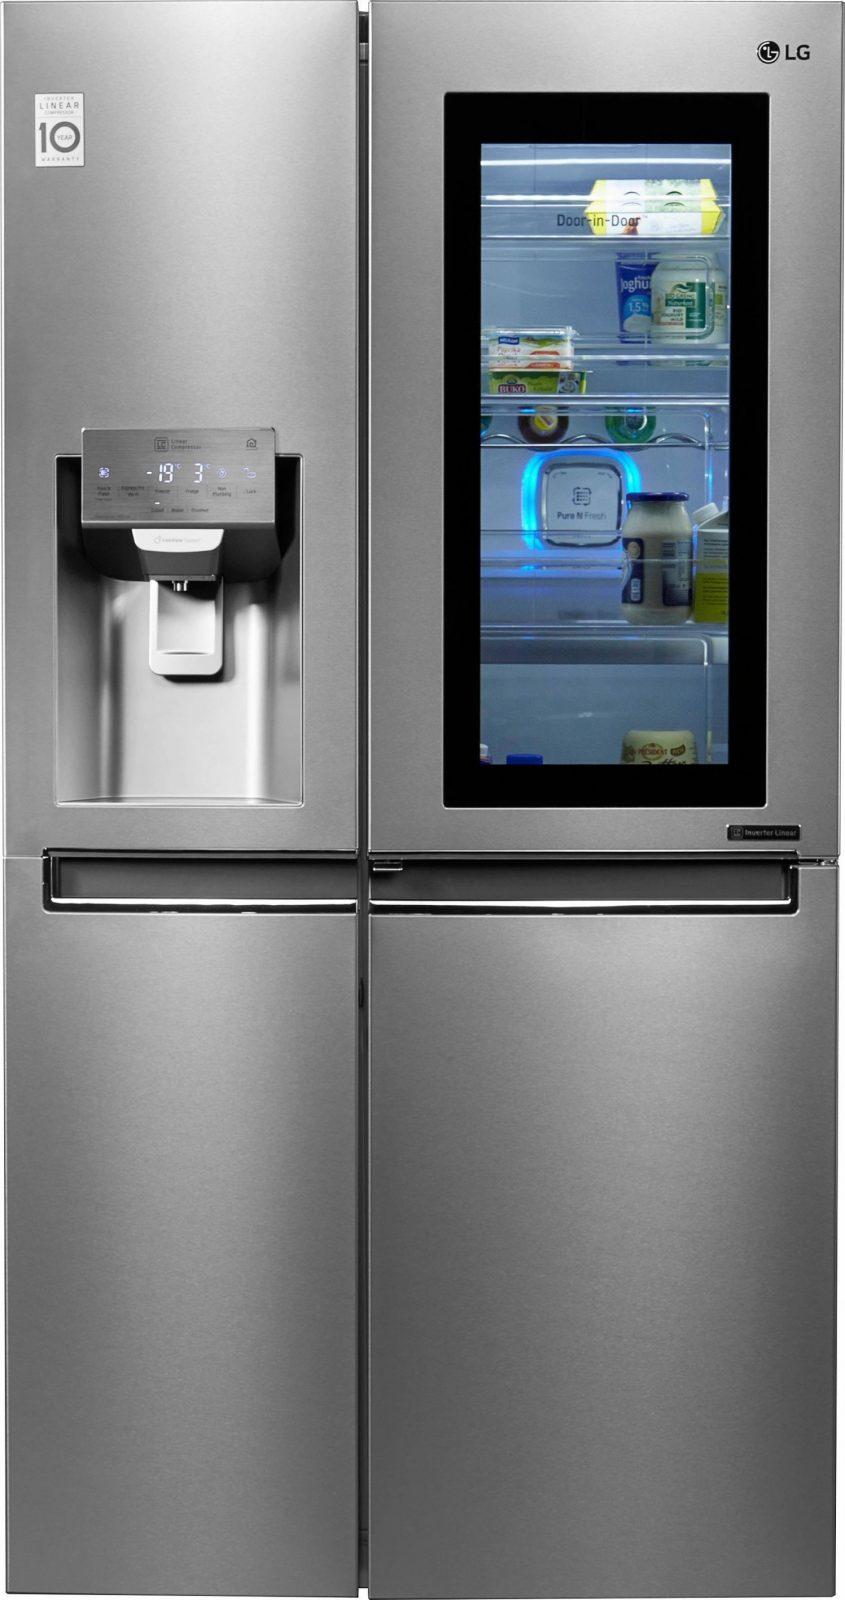 Vergleich Sideside Kühlschrank Ohne Festwasseranschluss von Side By Side Samsung Schwarz Bild